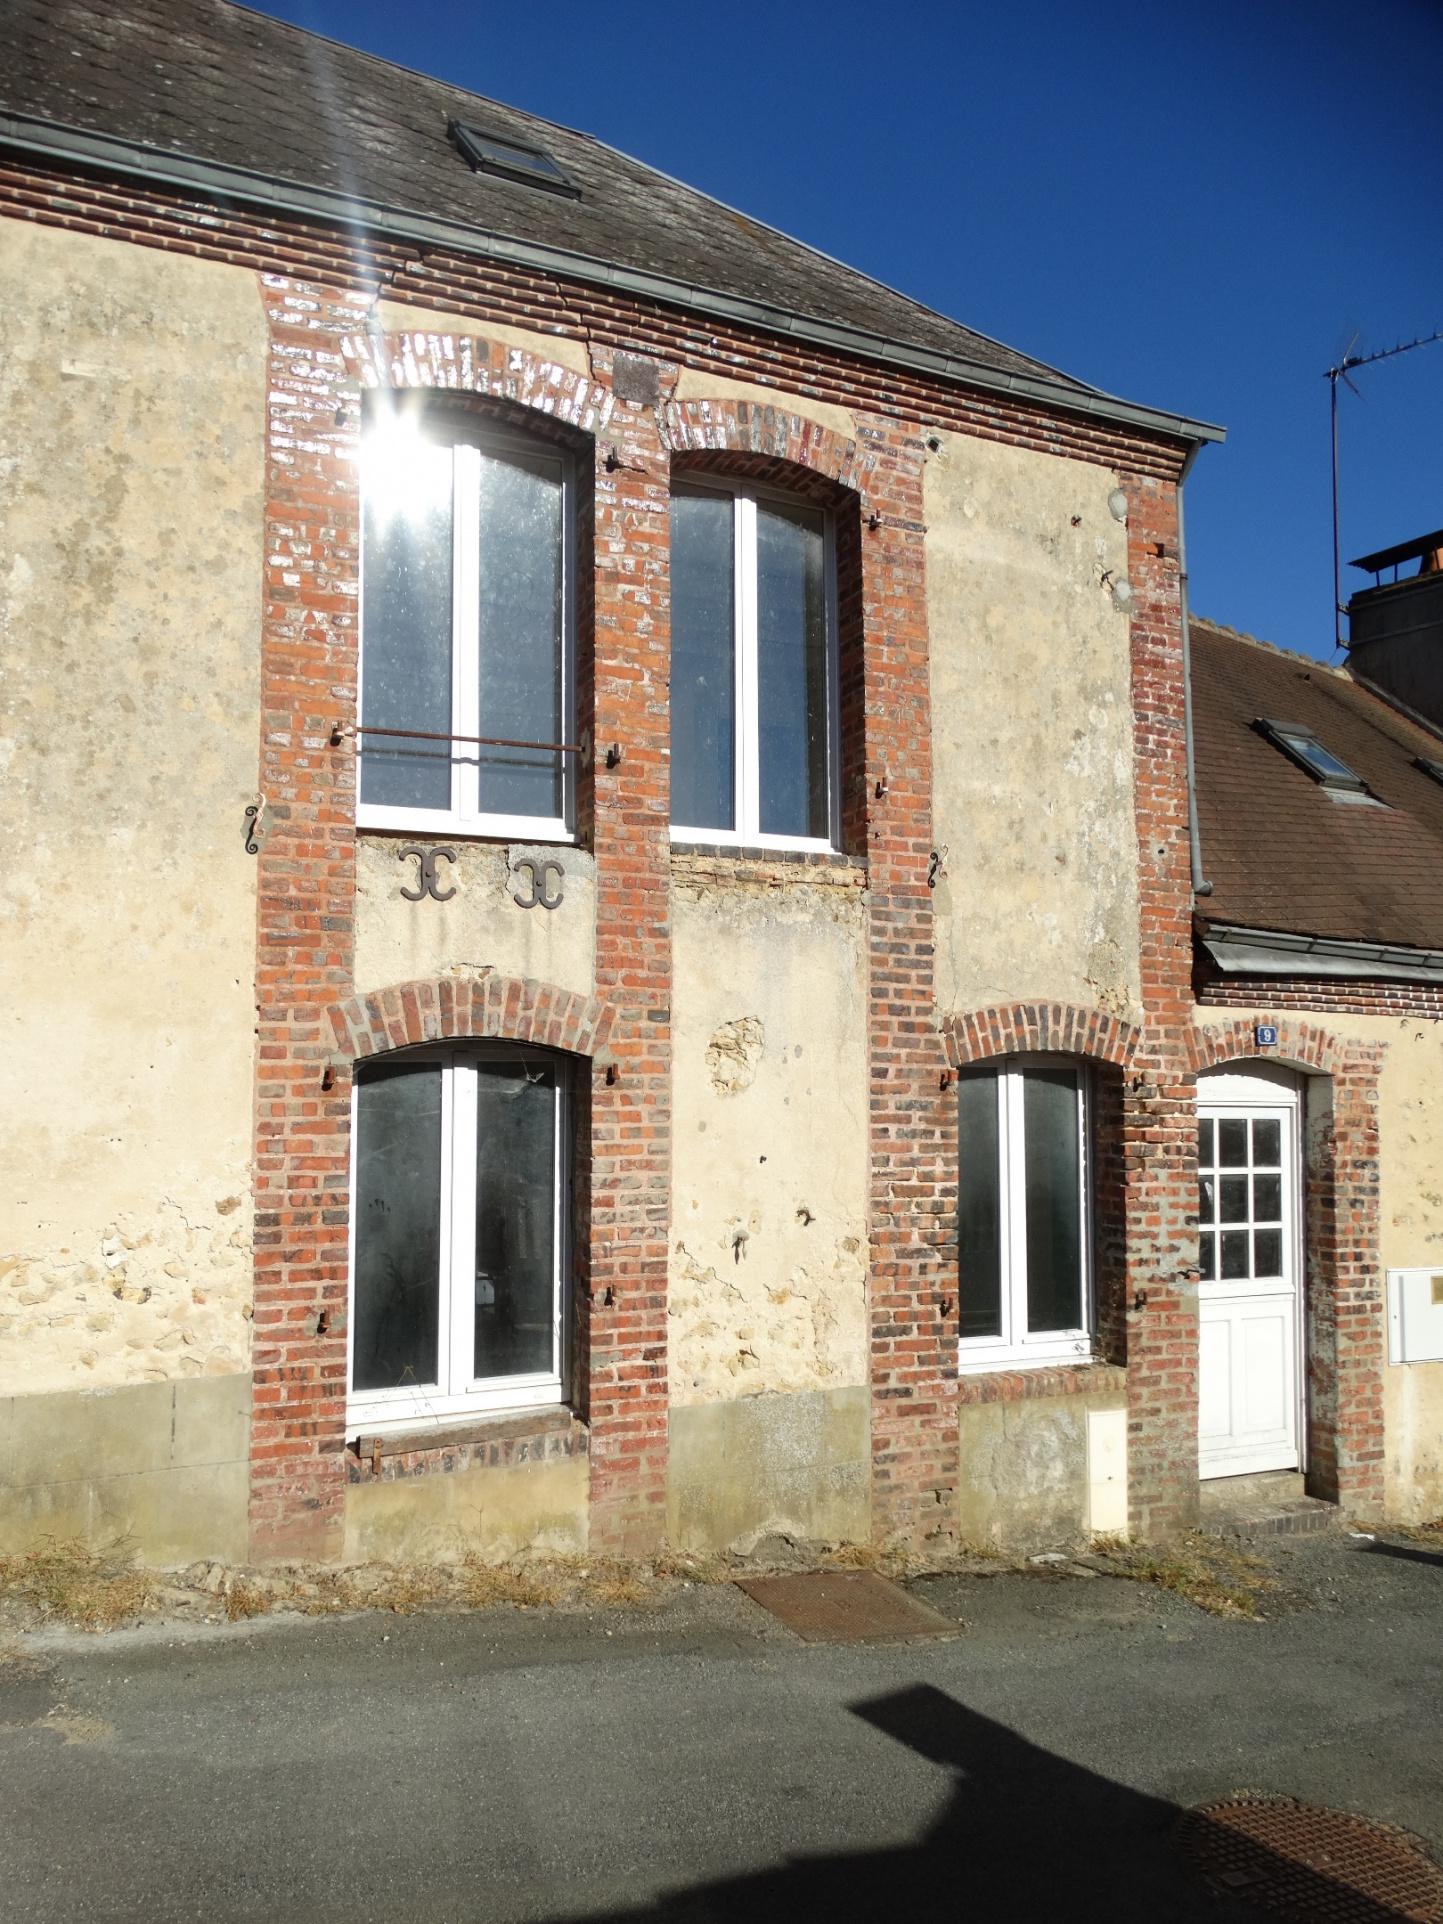 Photo maison/villa en vente sur le secteur de vibraye